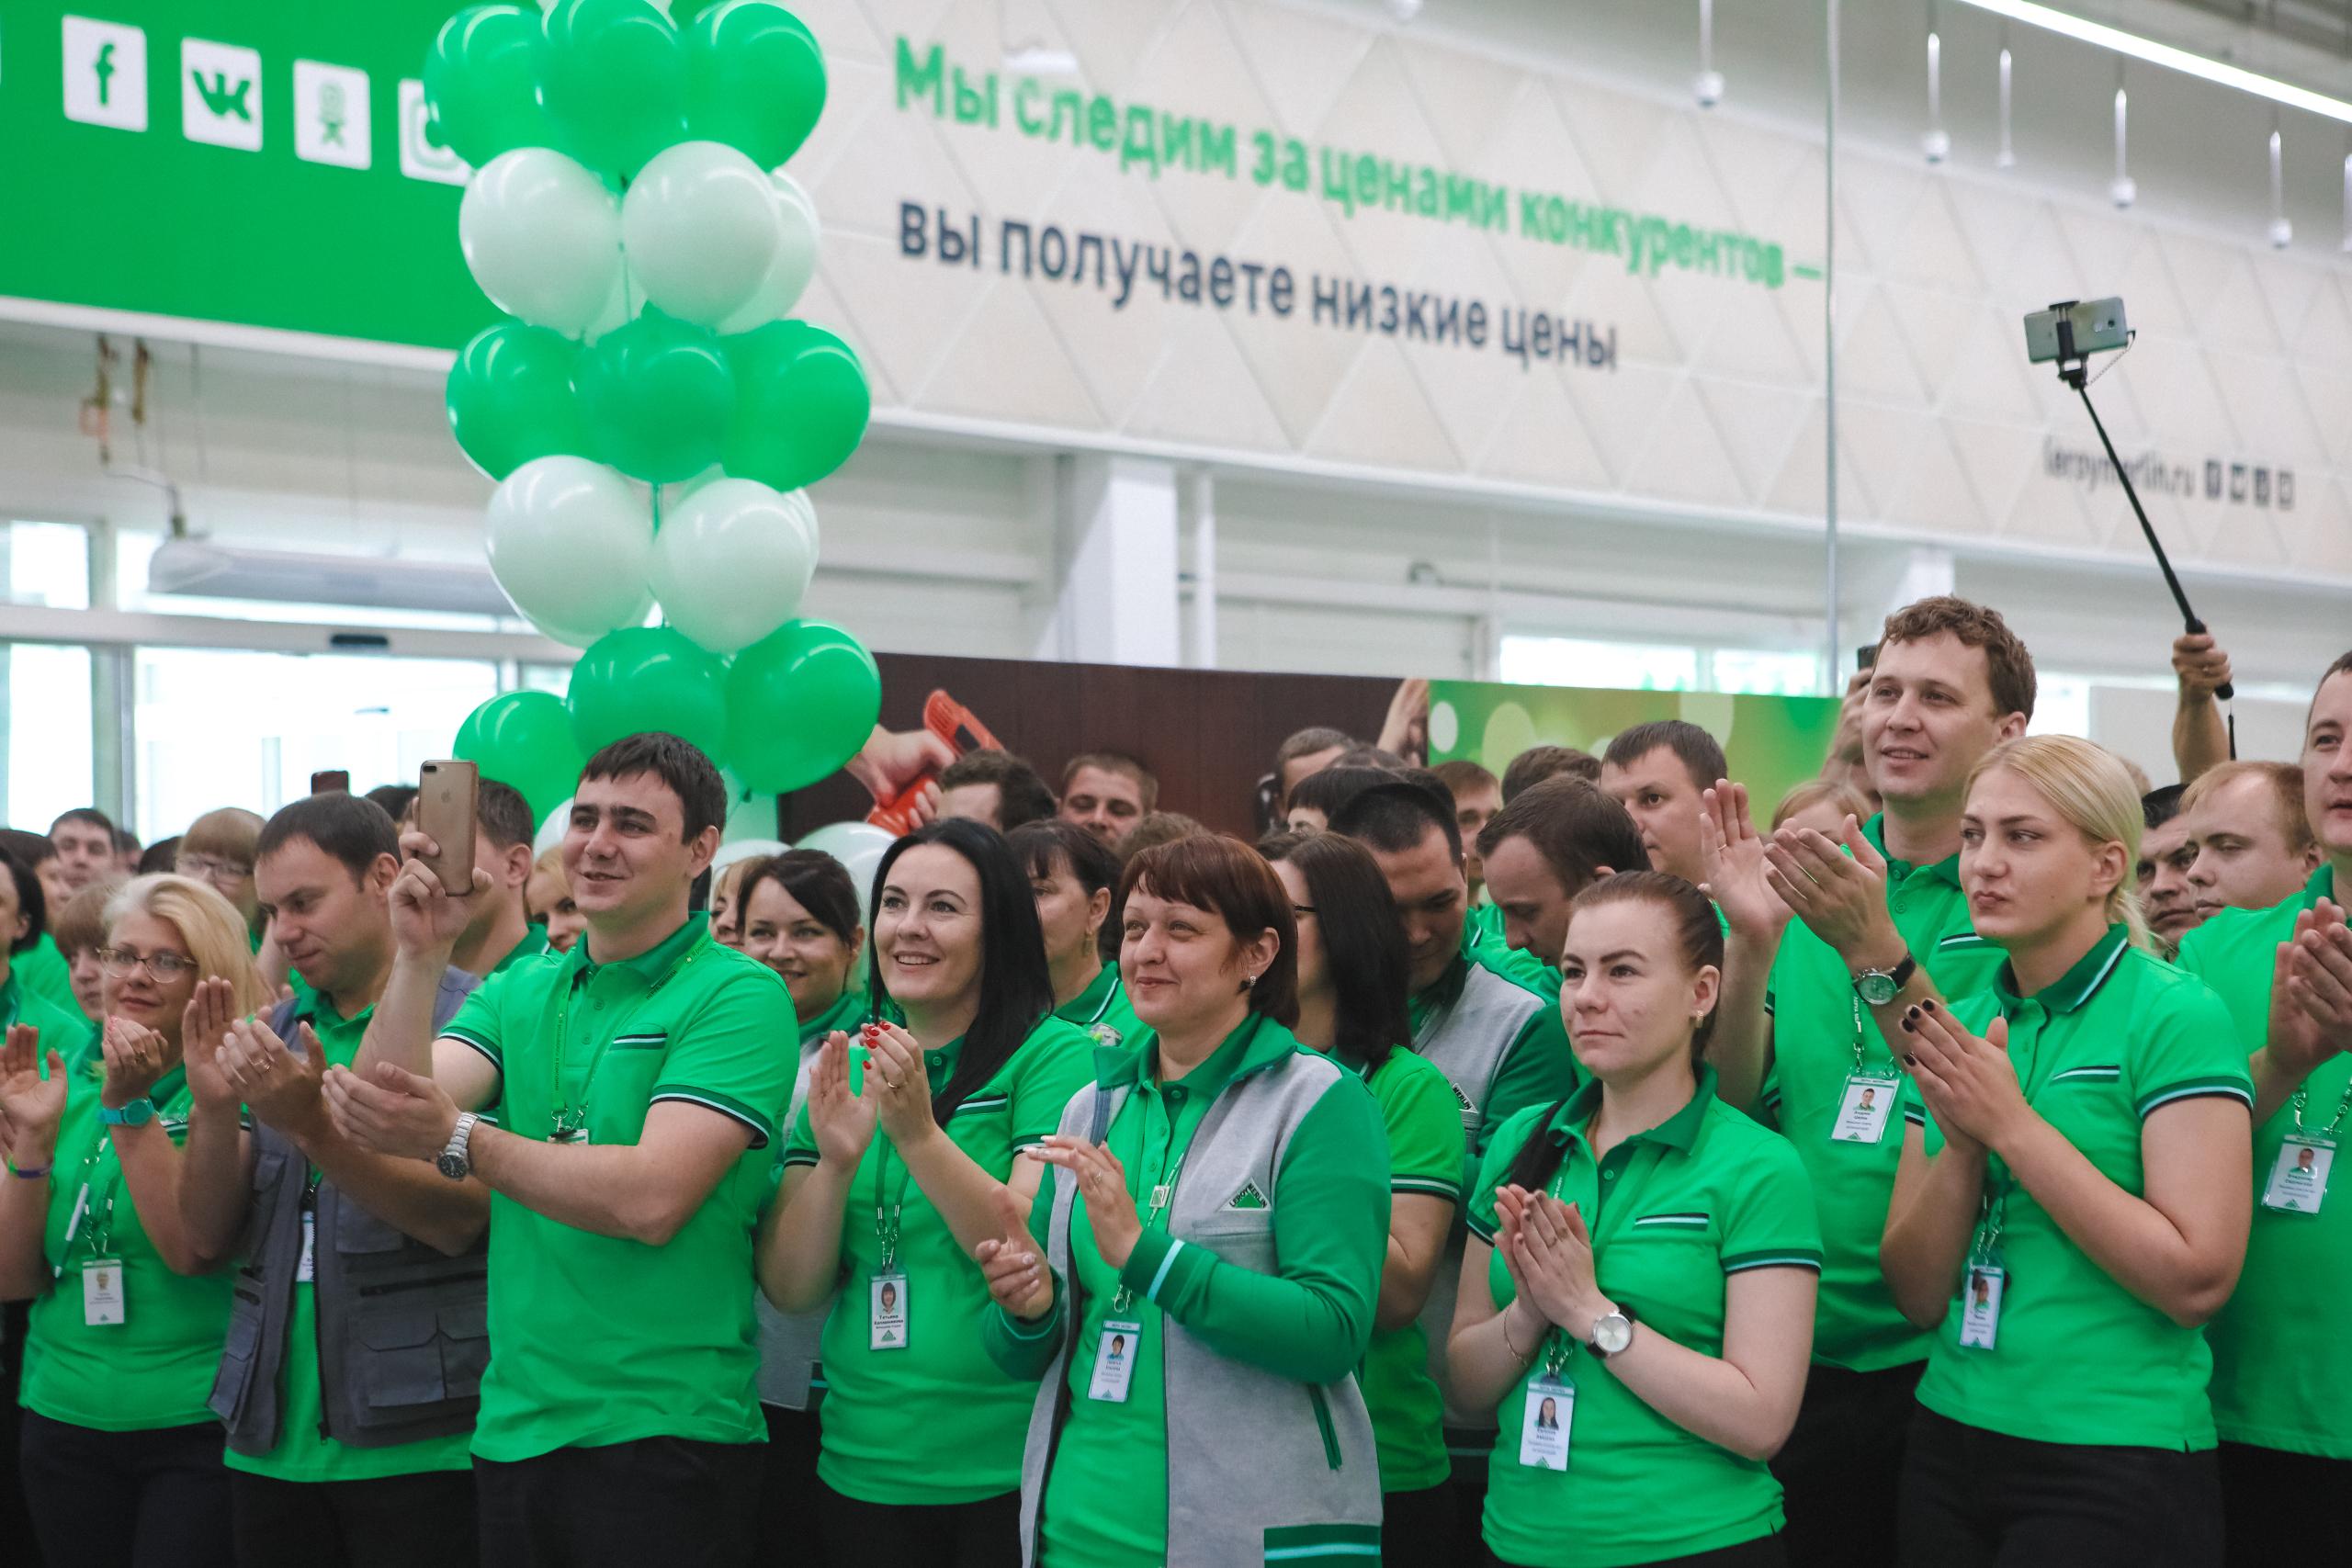 Магазин Леруа Мерлен В Саранске